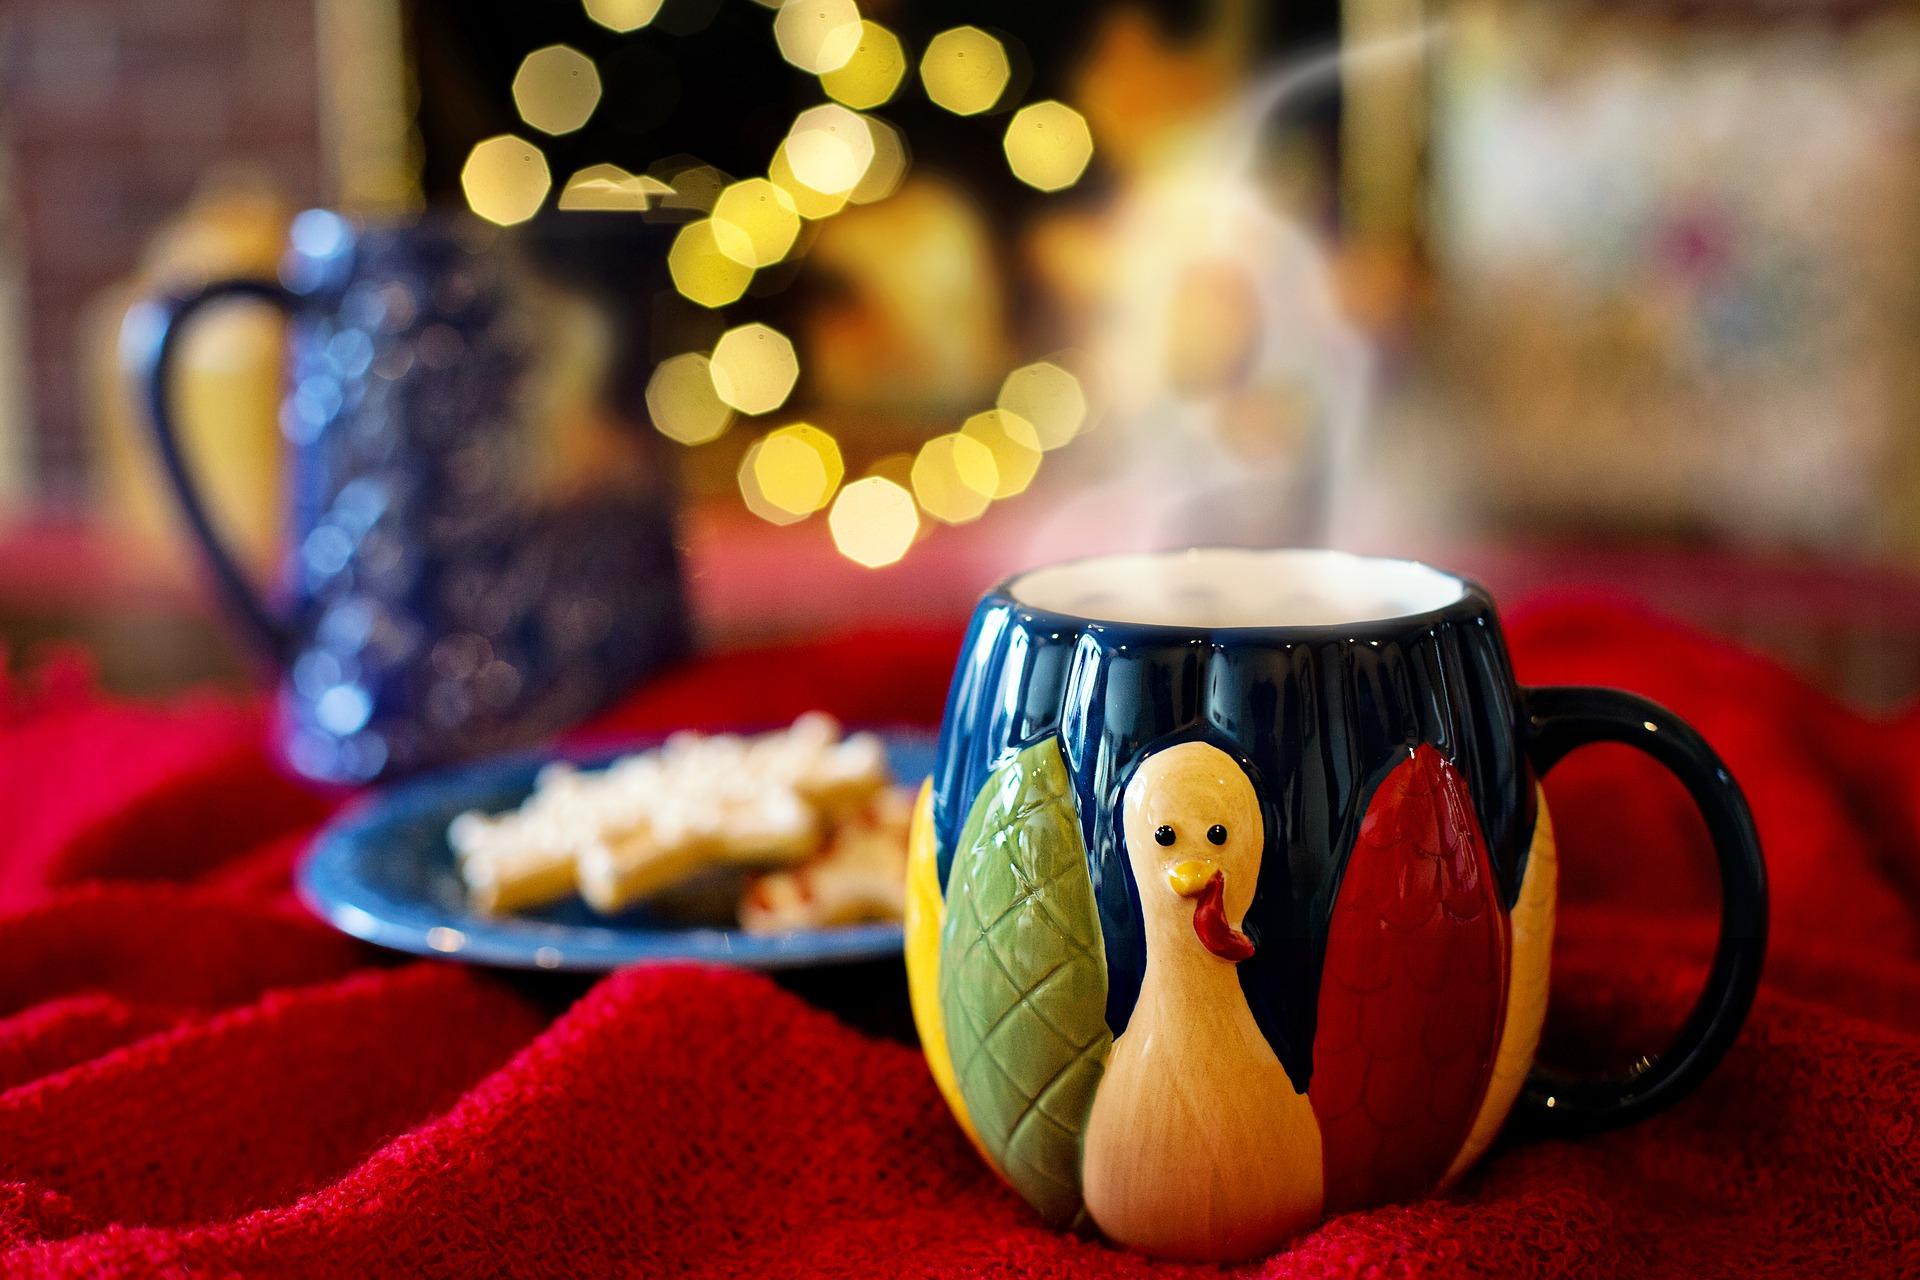 El chocolate a la taza es el postre favorito de muchos golosos en Navidad